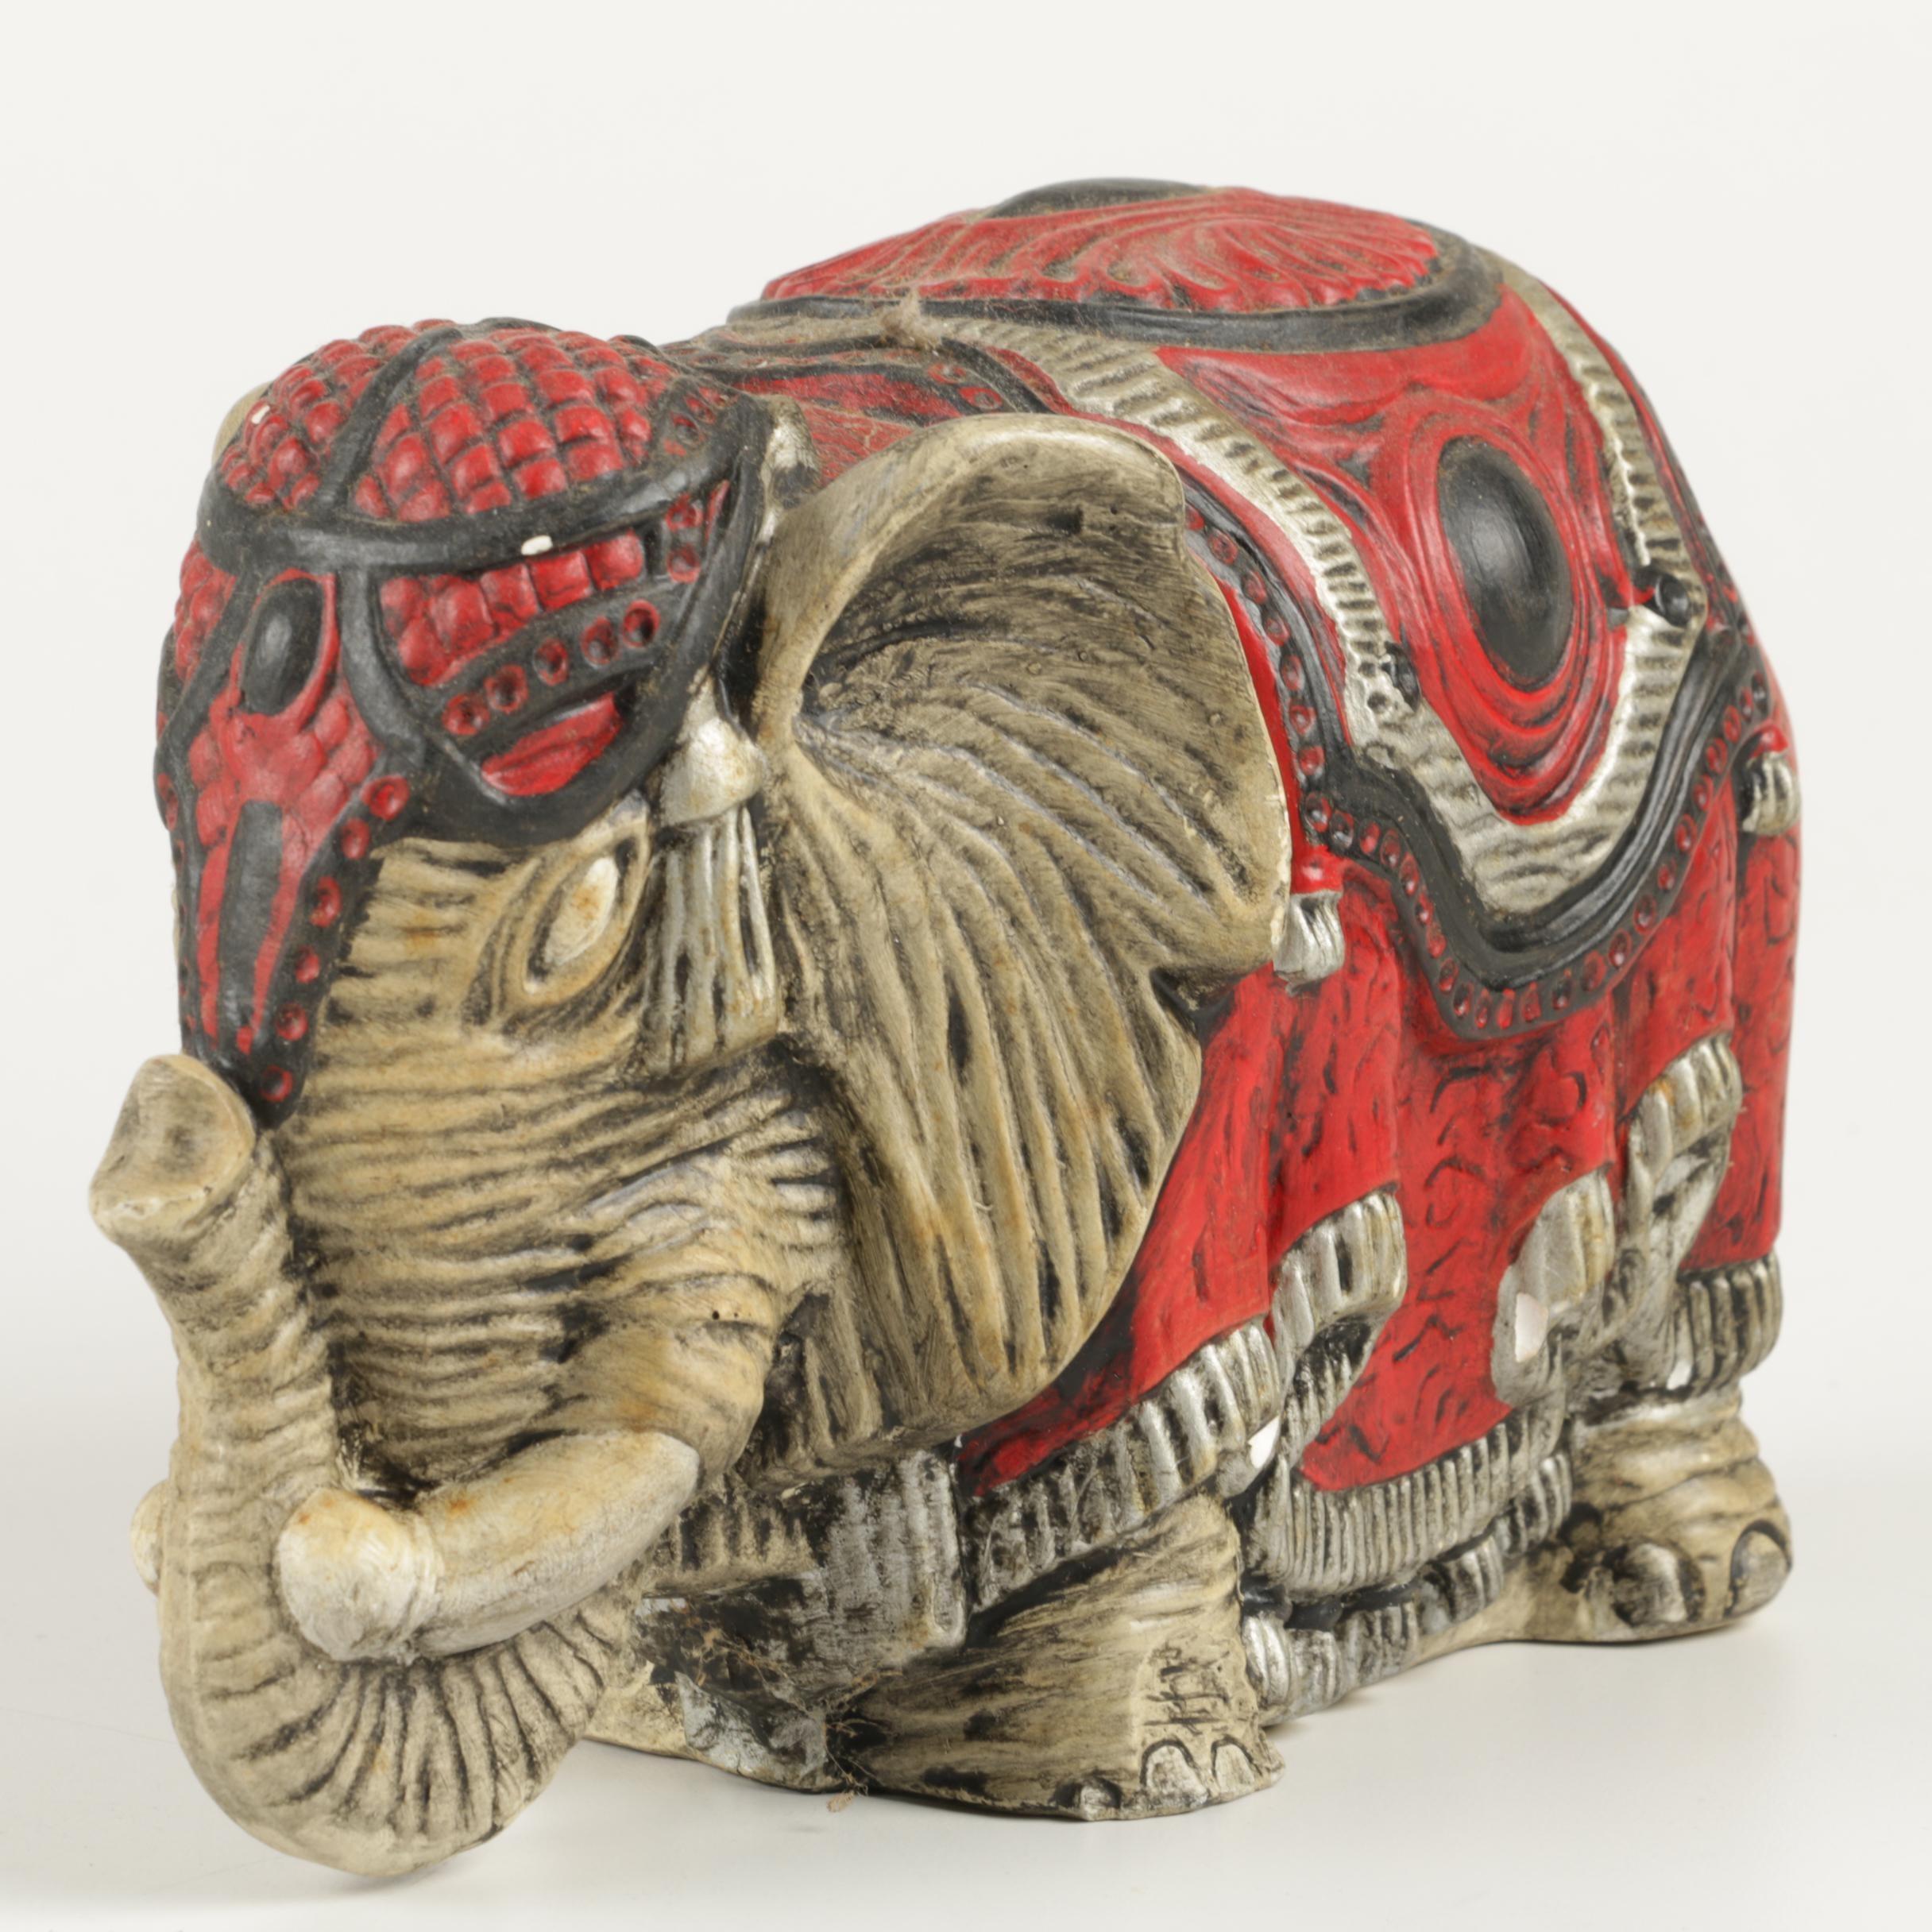 Plaster Elephant Figurine